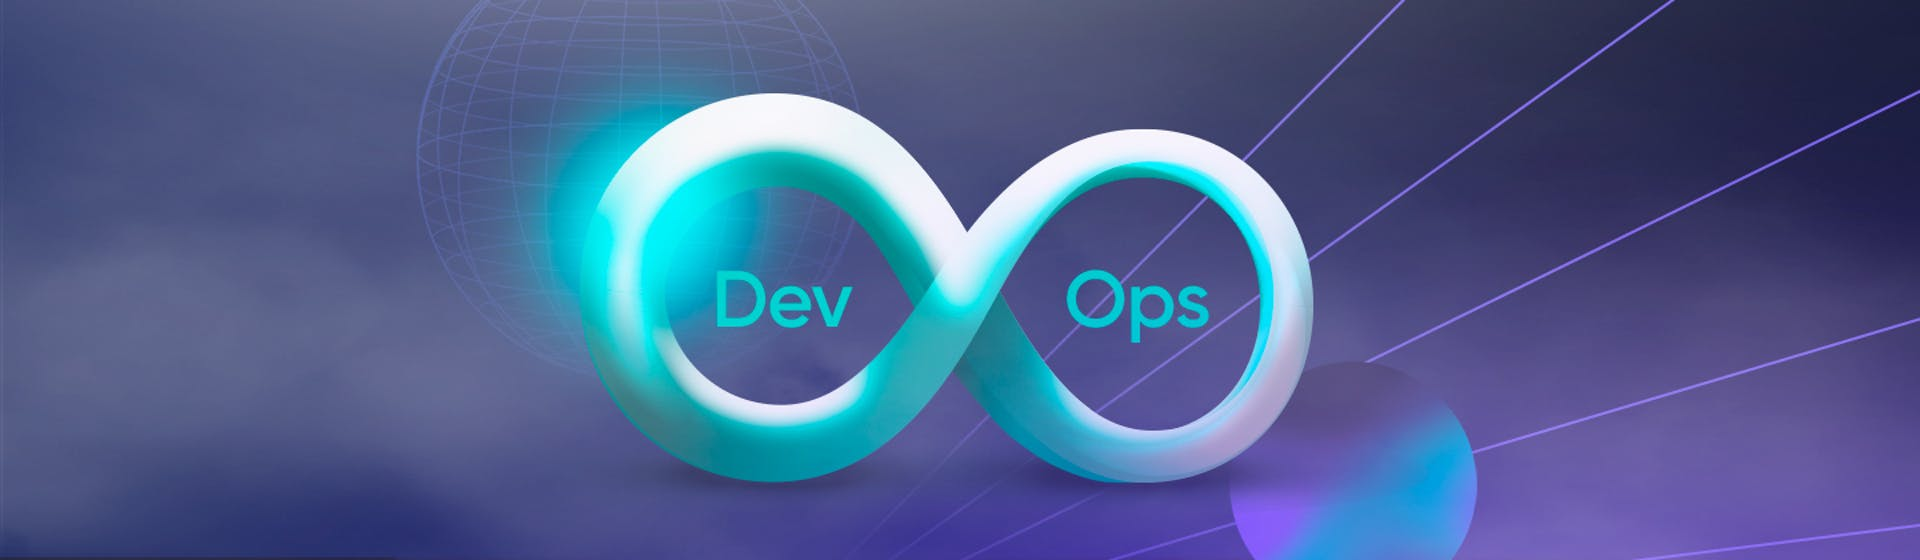 ¿Qué es DevOps y cómo puede mejorar el producto de tu empresa?